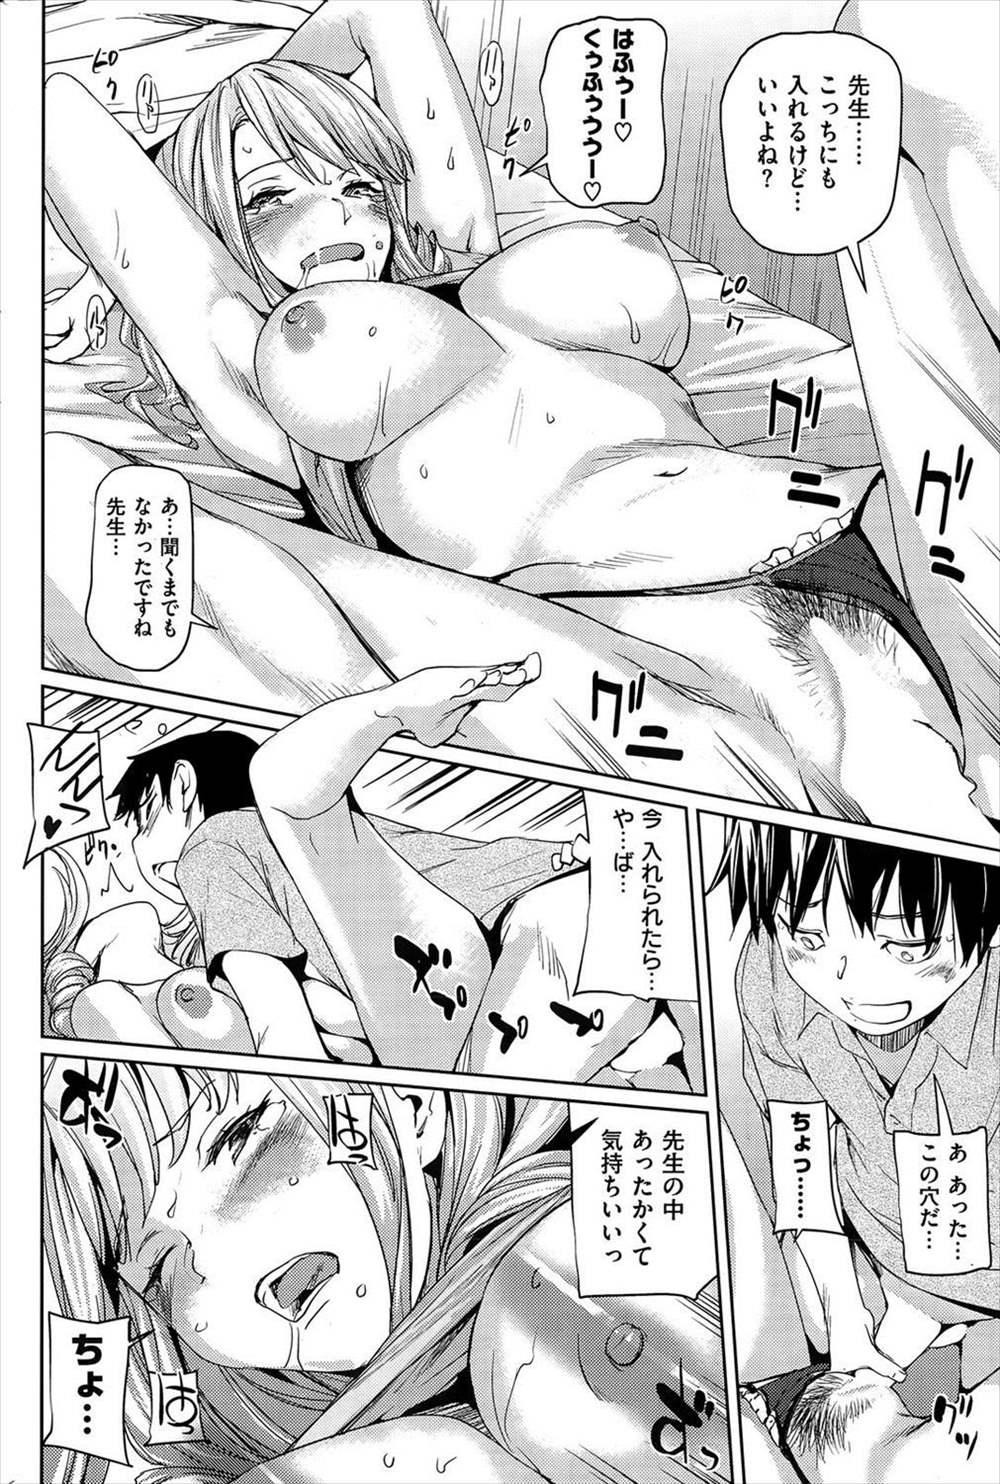 【エロ漫画】担任の先生のムチムチボディの耐えられない童貞高校生が馬乗りになって先生に襲われるwww